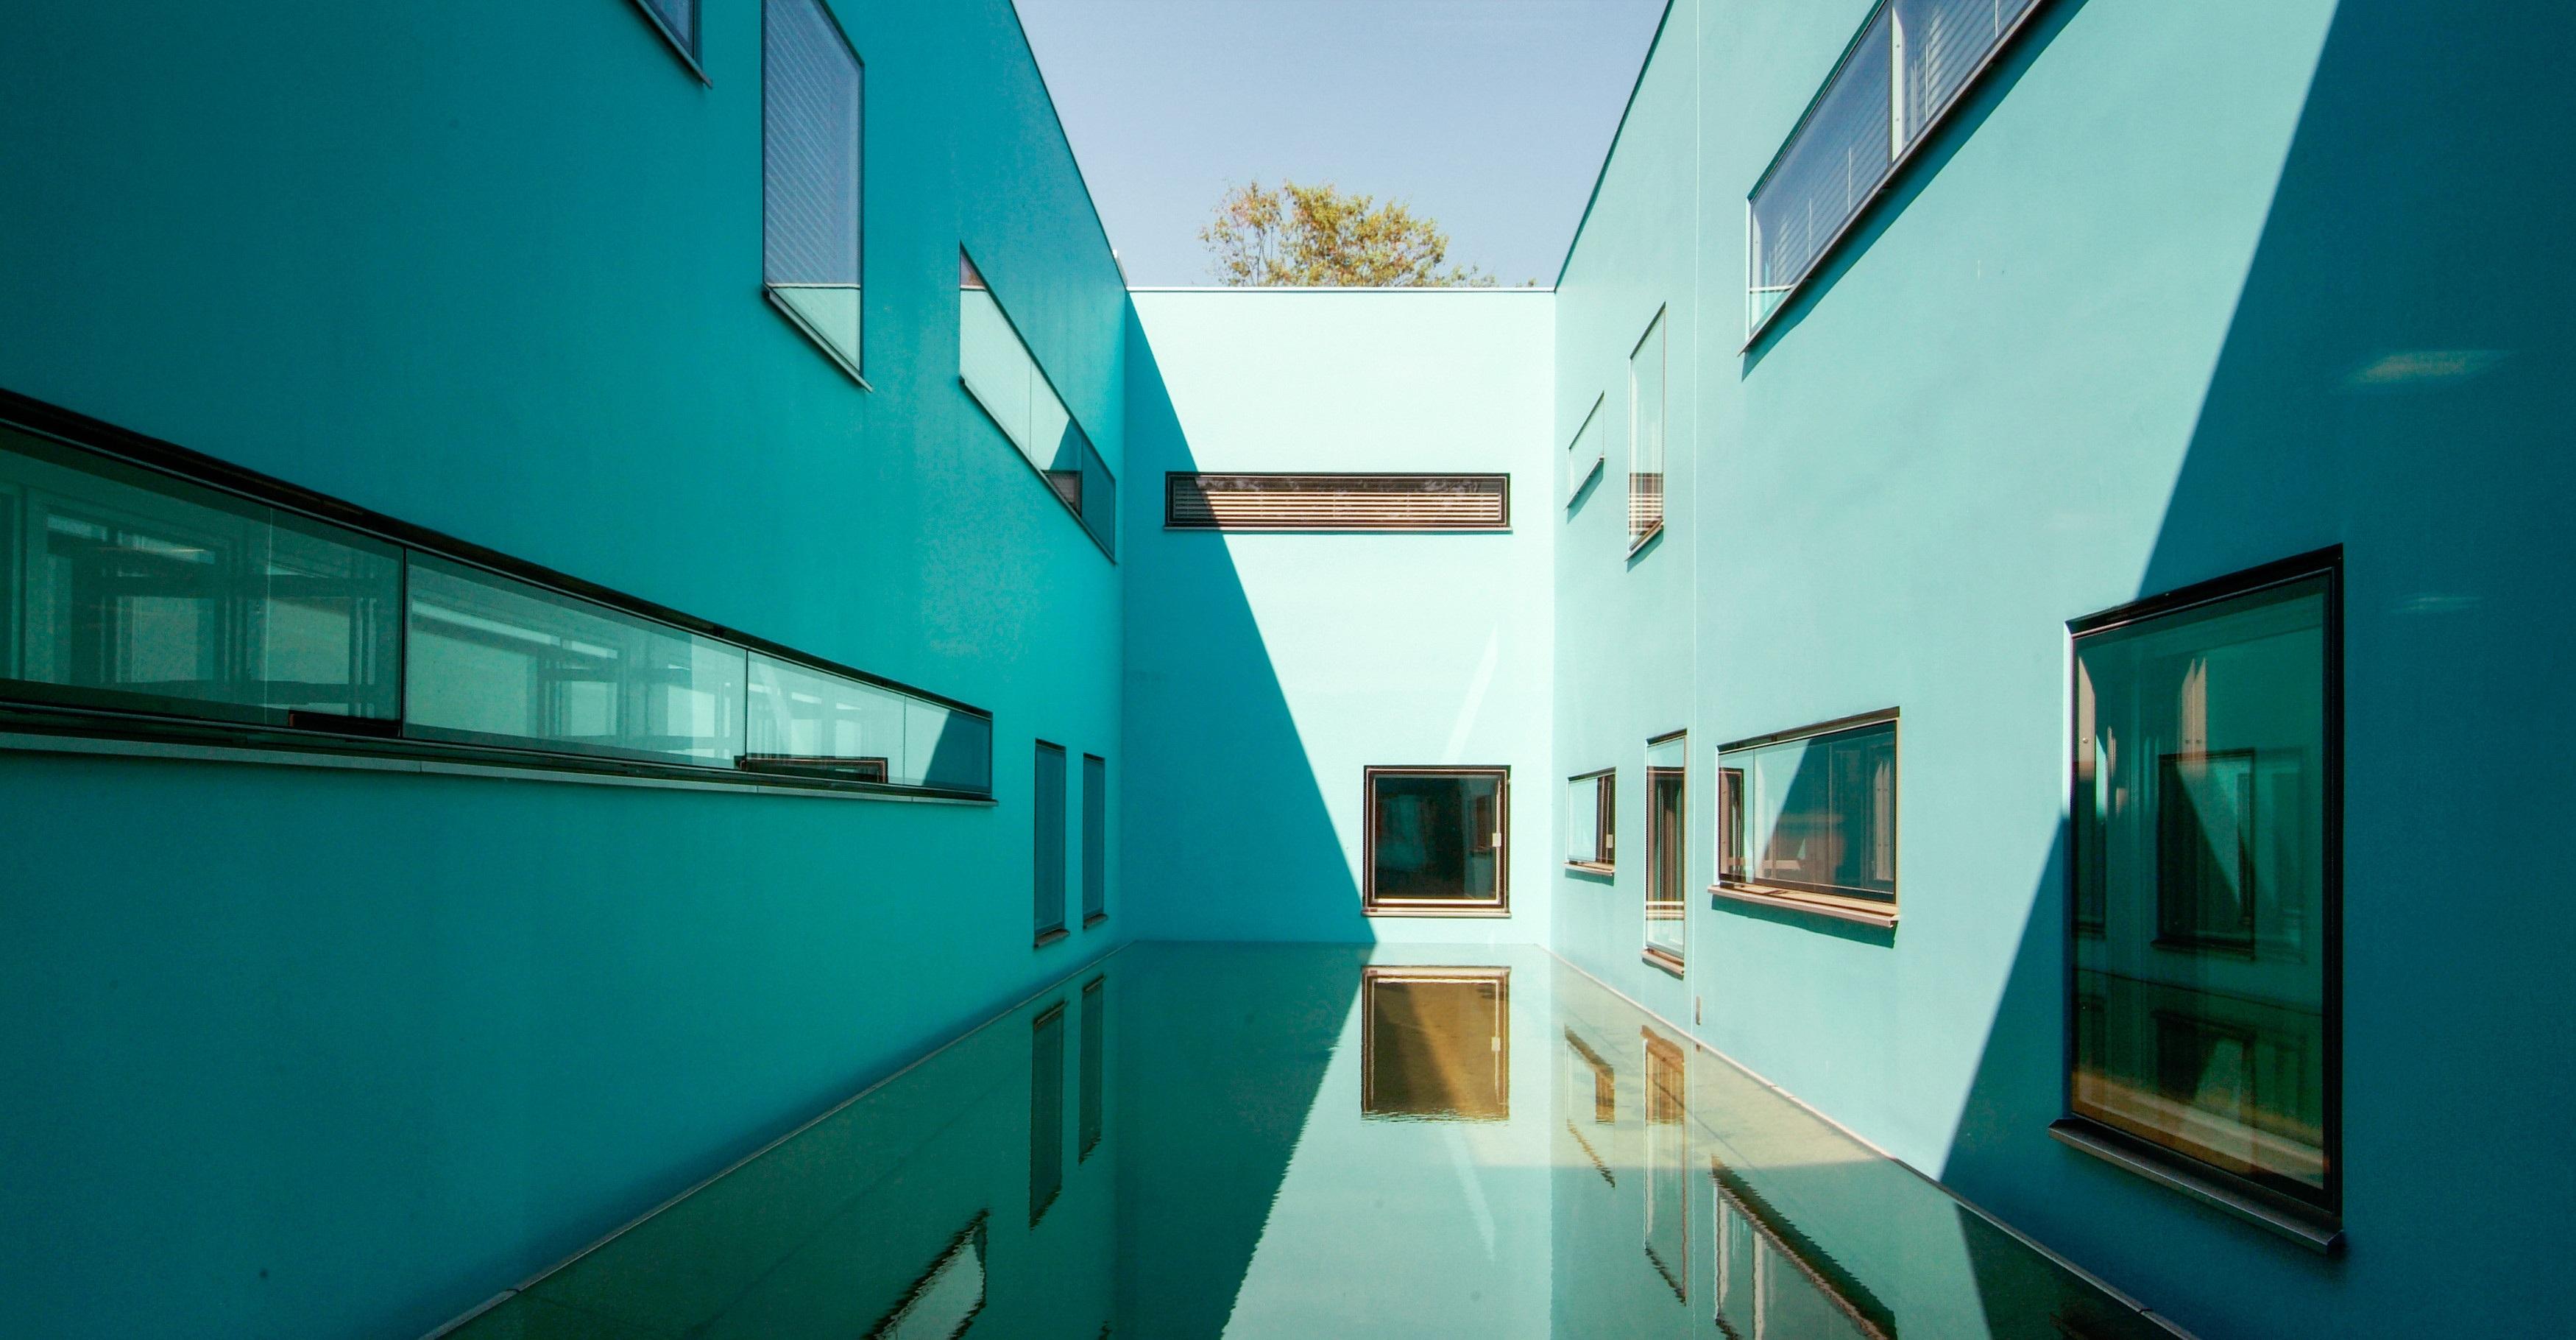 164 Tierspital Innenhof Blau